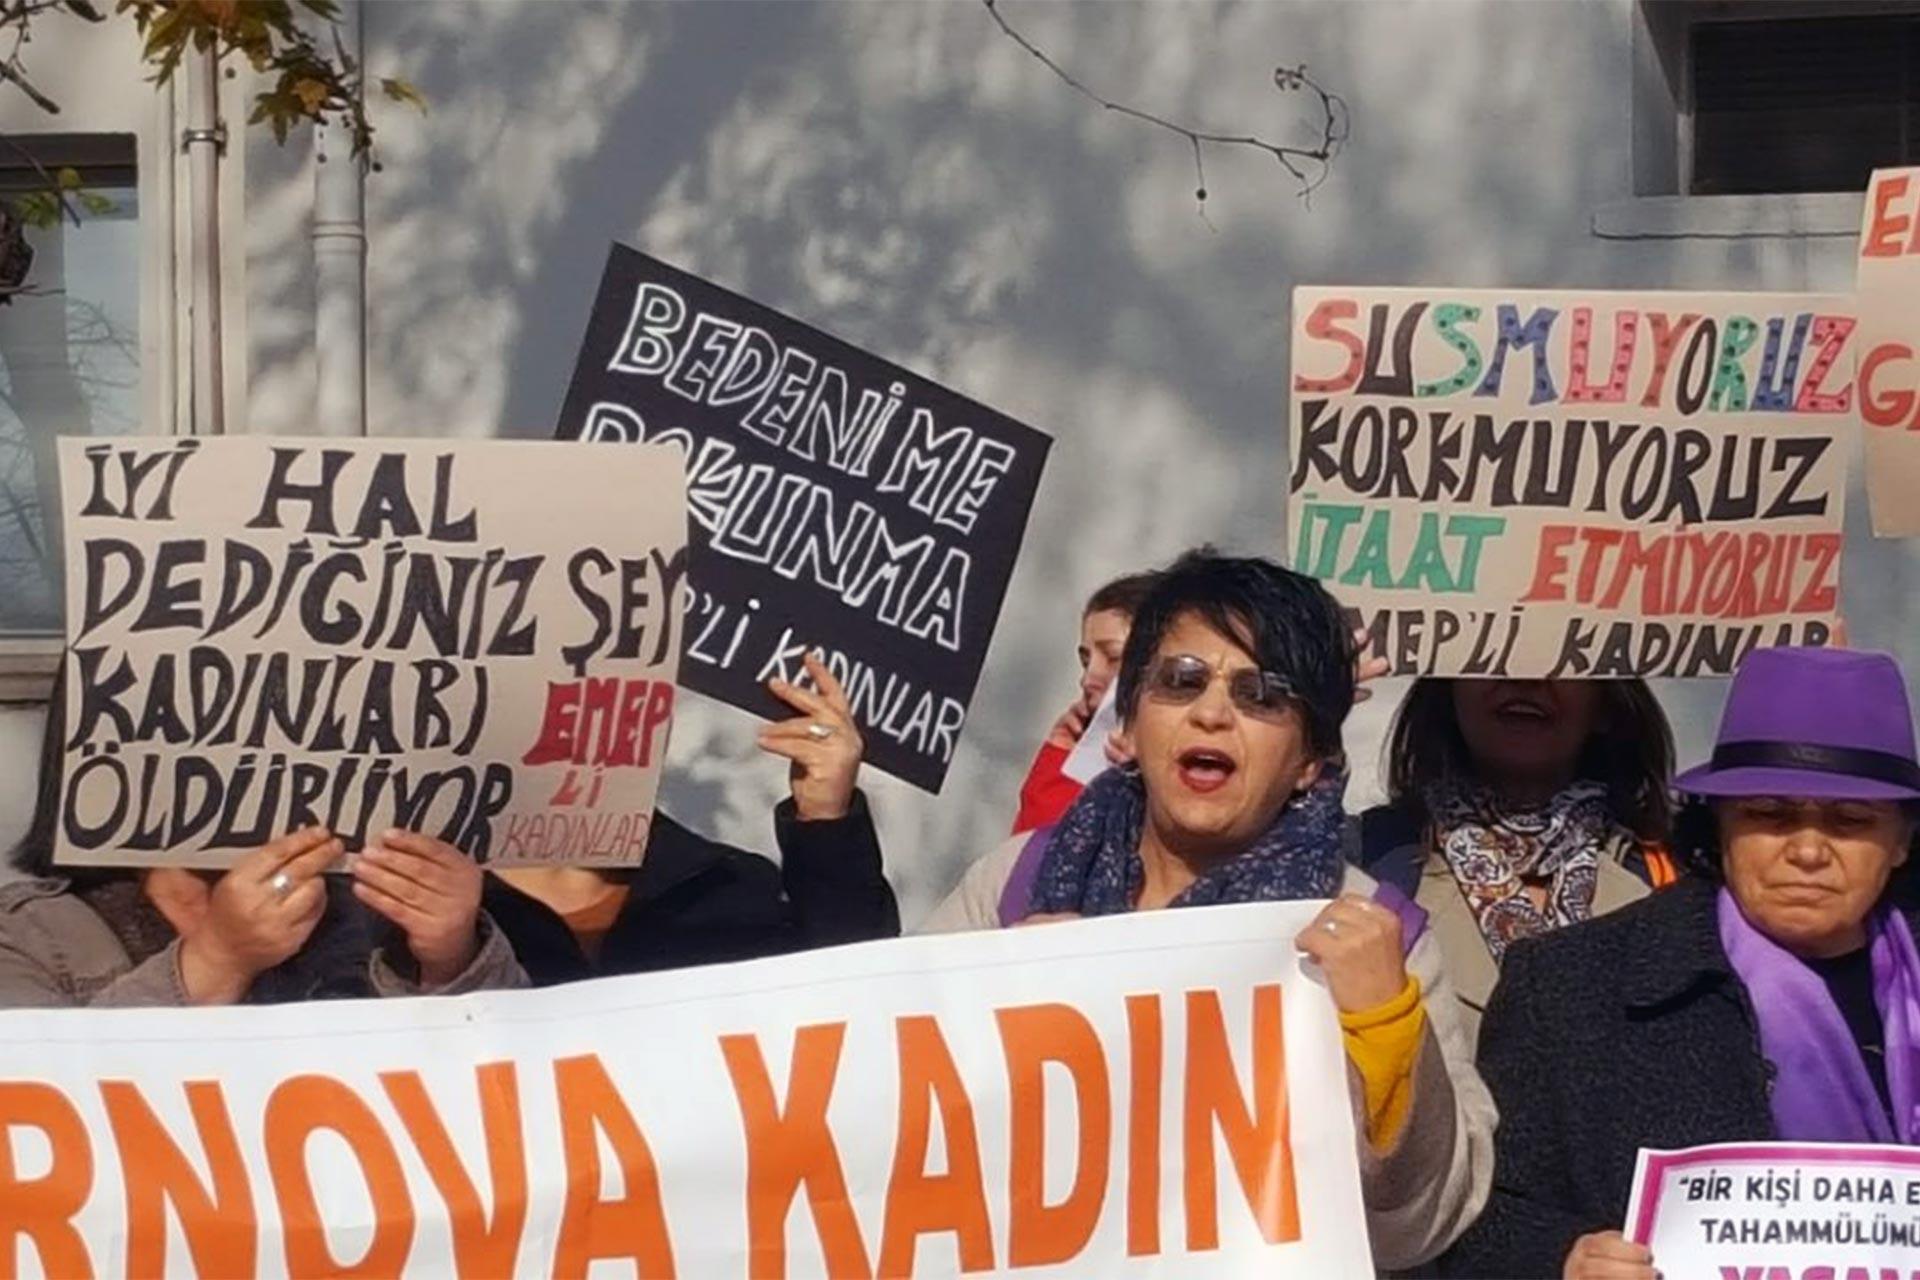 Habibe Çevik ve Fatma Akta cinayeti davası öncesi açıklama yapan kadınlar